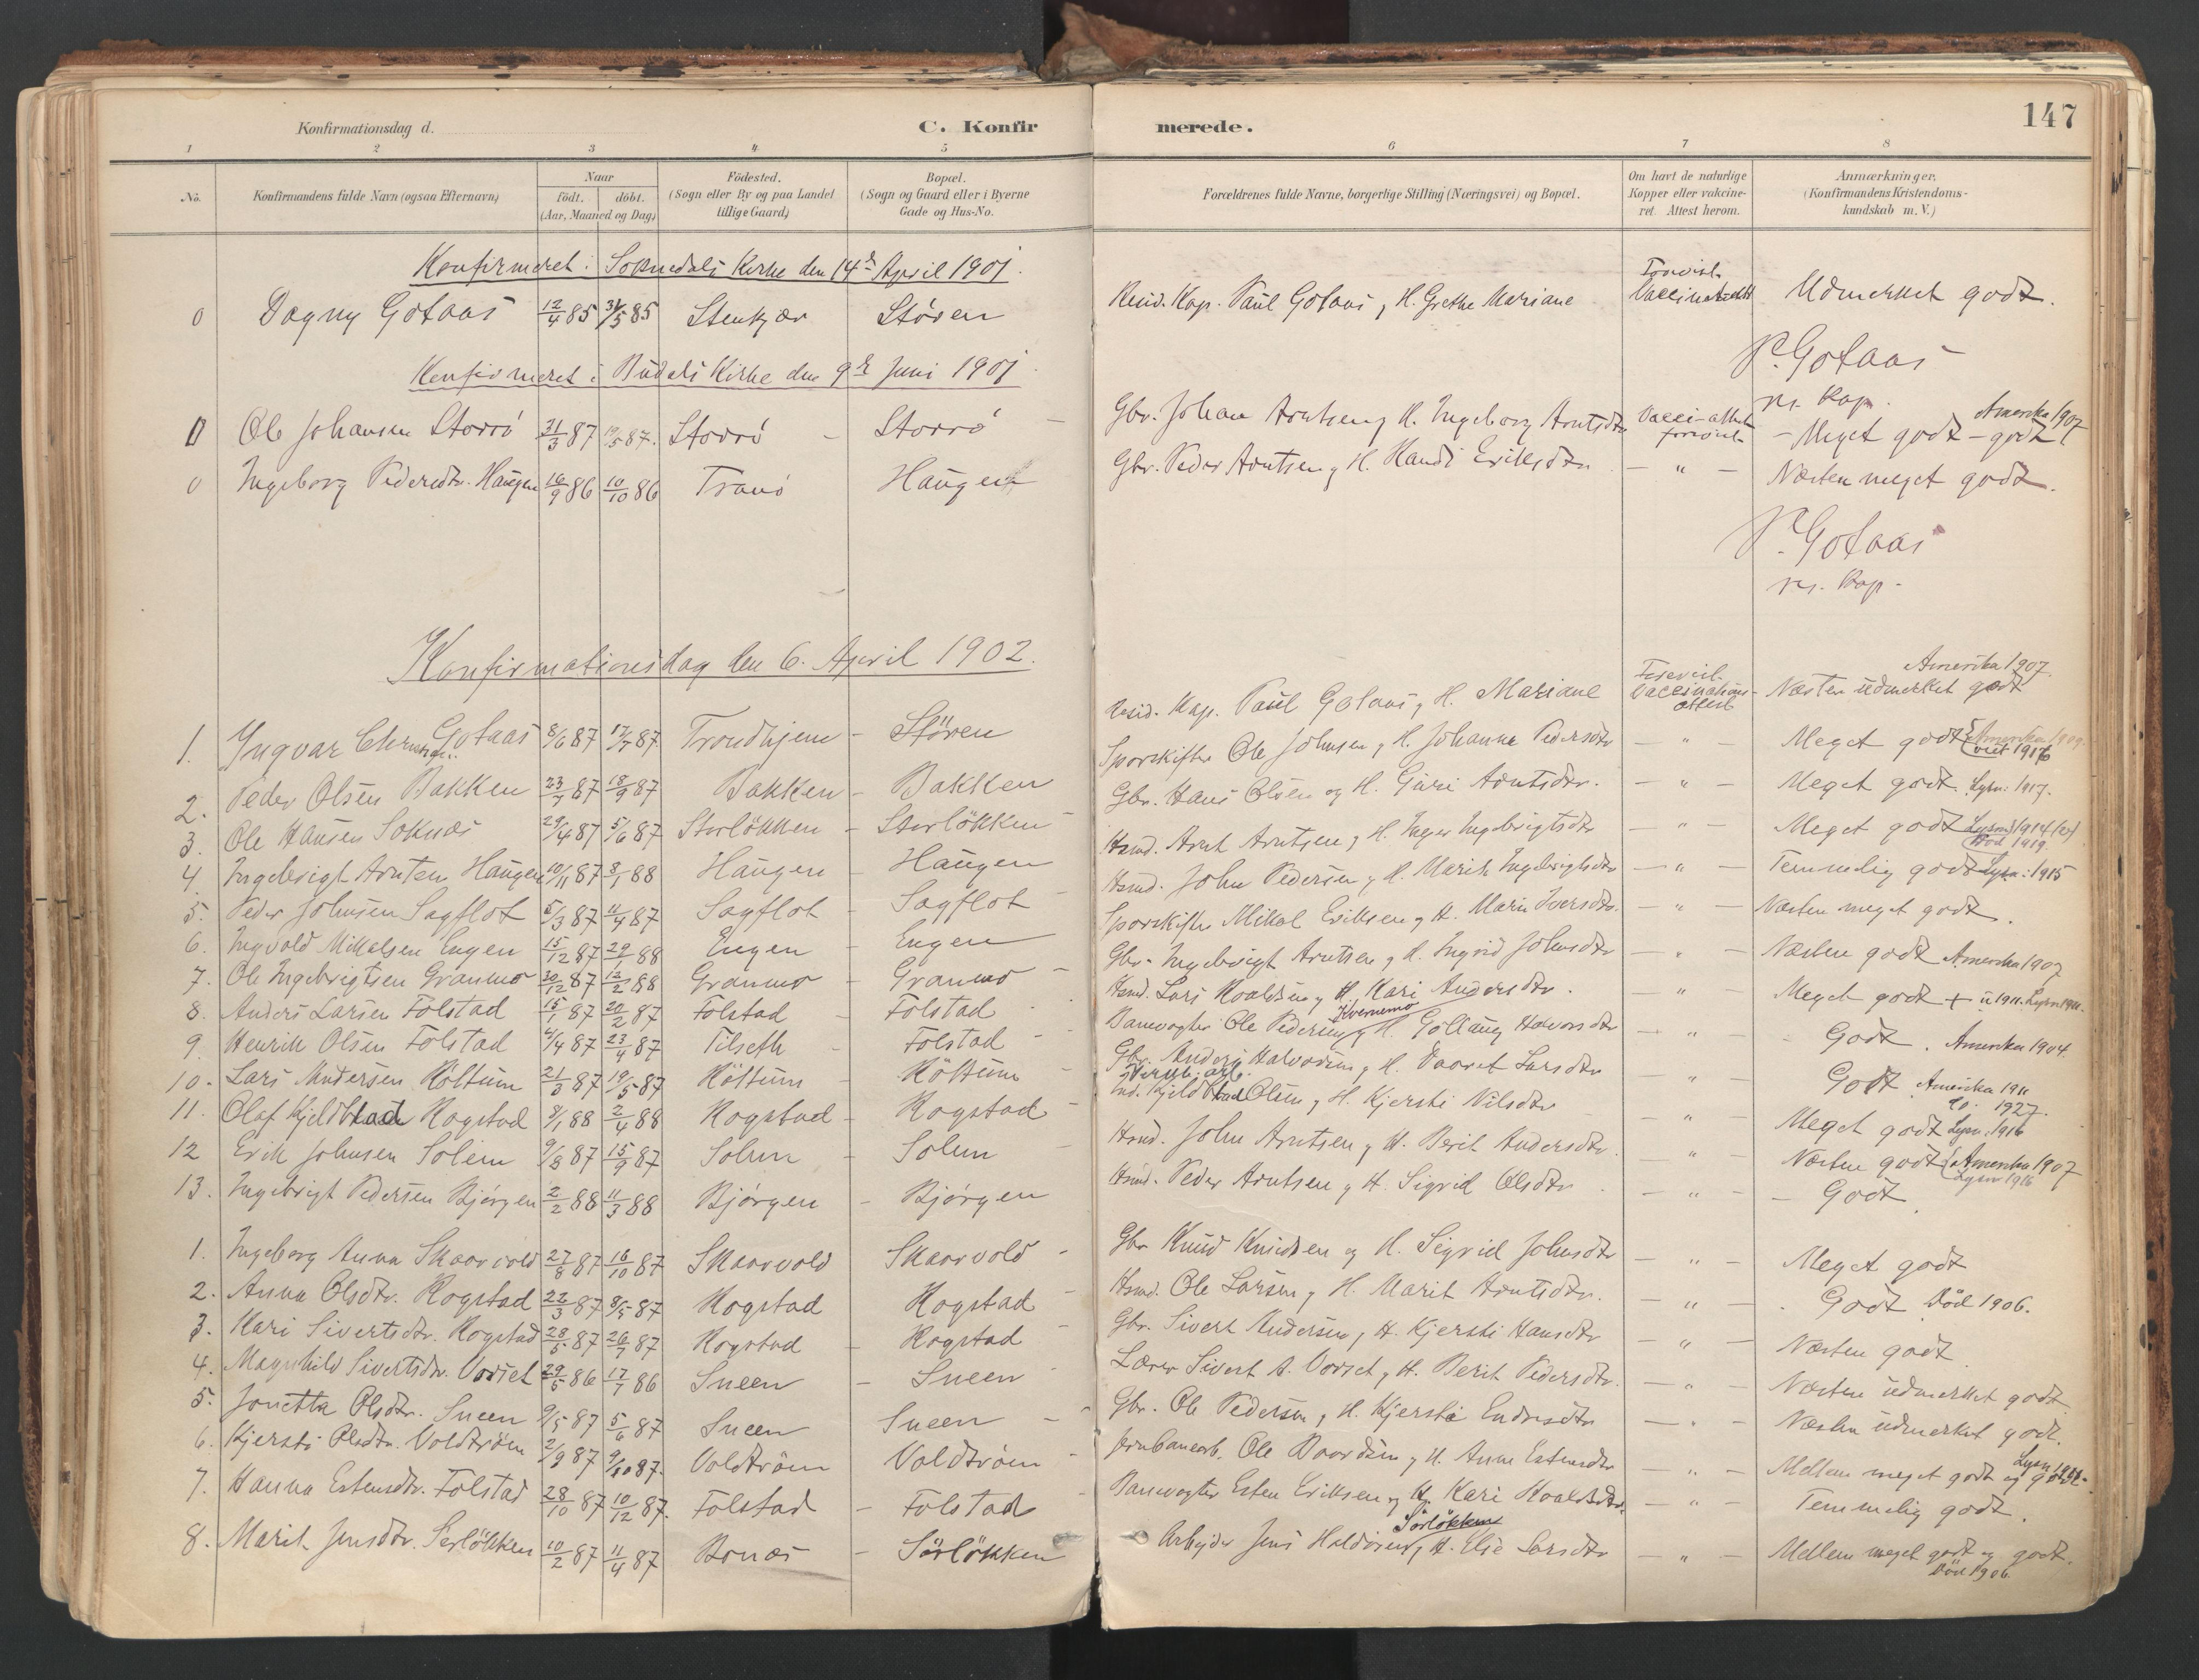 SAT, Ministerialprotokoller, klokkerbøker og fødselsregistre - Sør-Trøndelag, 687/L1004: Ministerialbok nr. 687A10, 1891-1923, s. 147